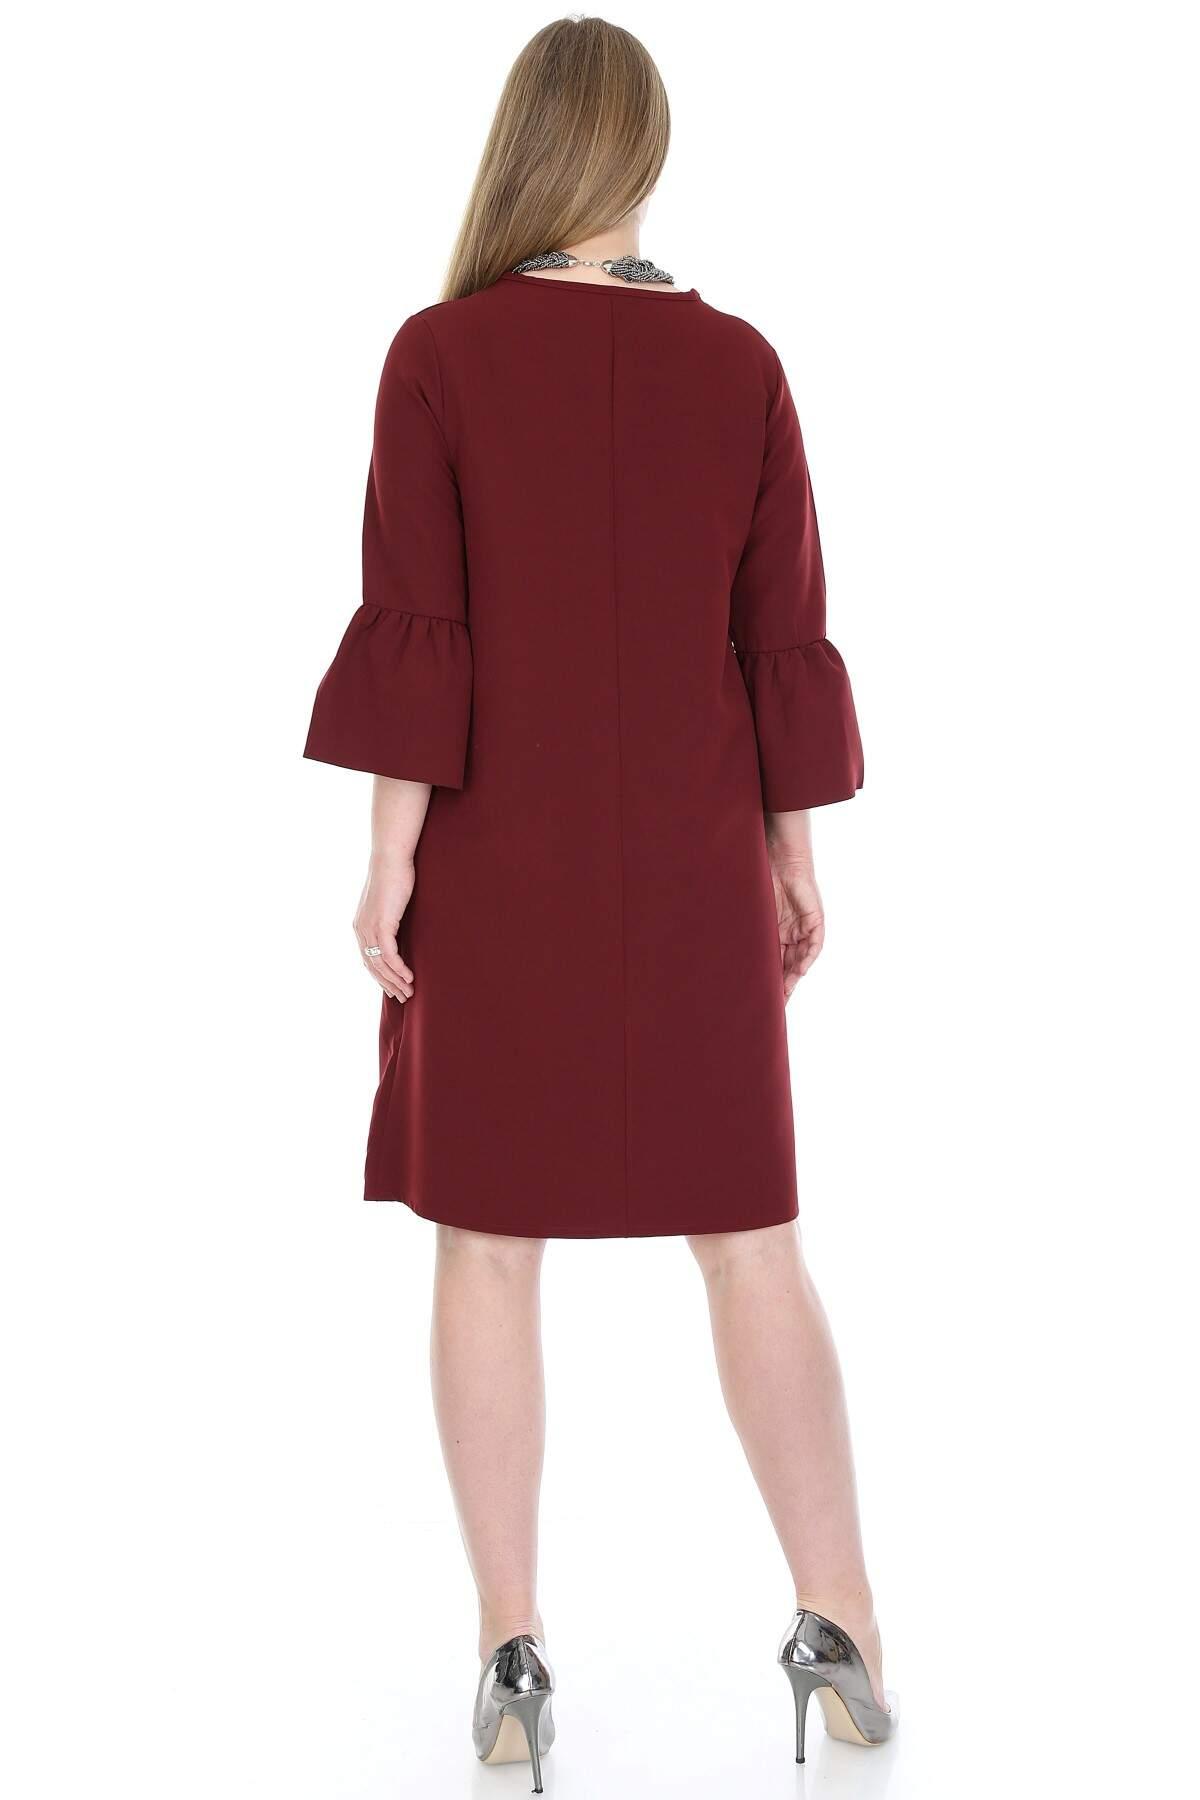 Büyük Beden Kampanyalı Elbise KL807bd